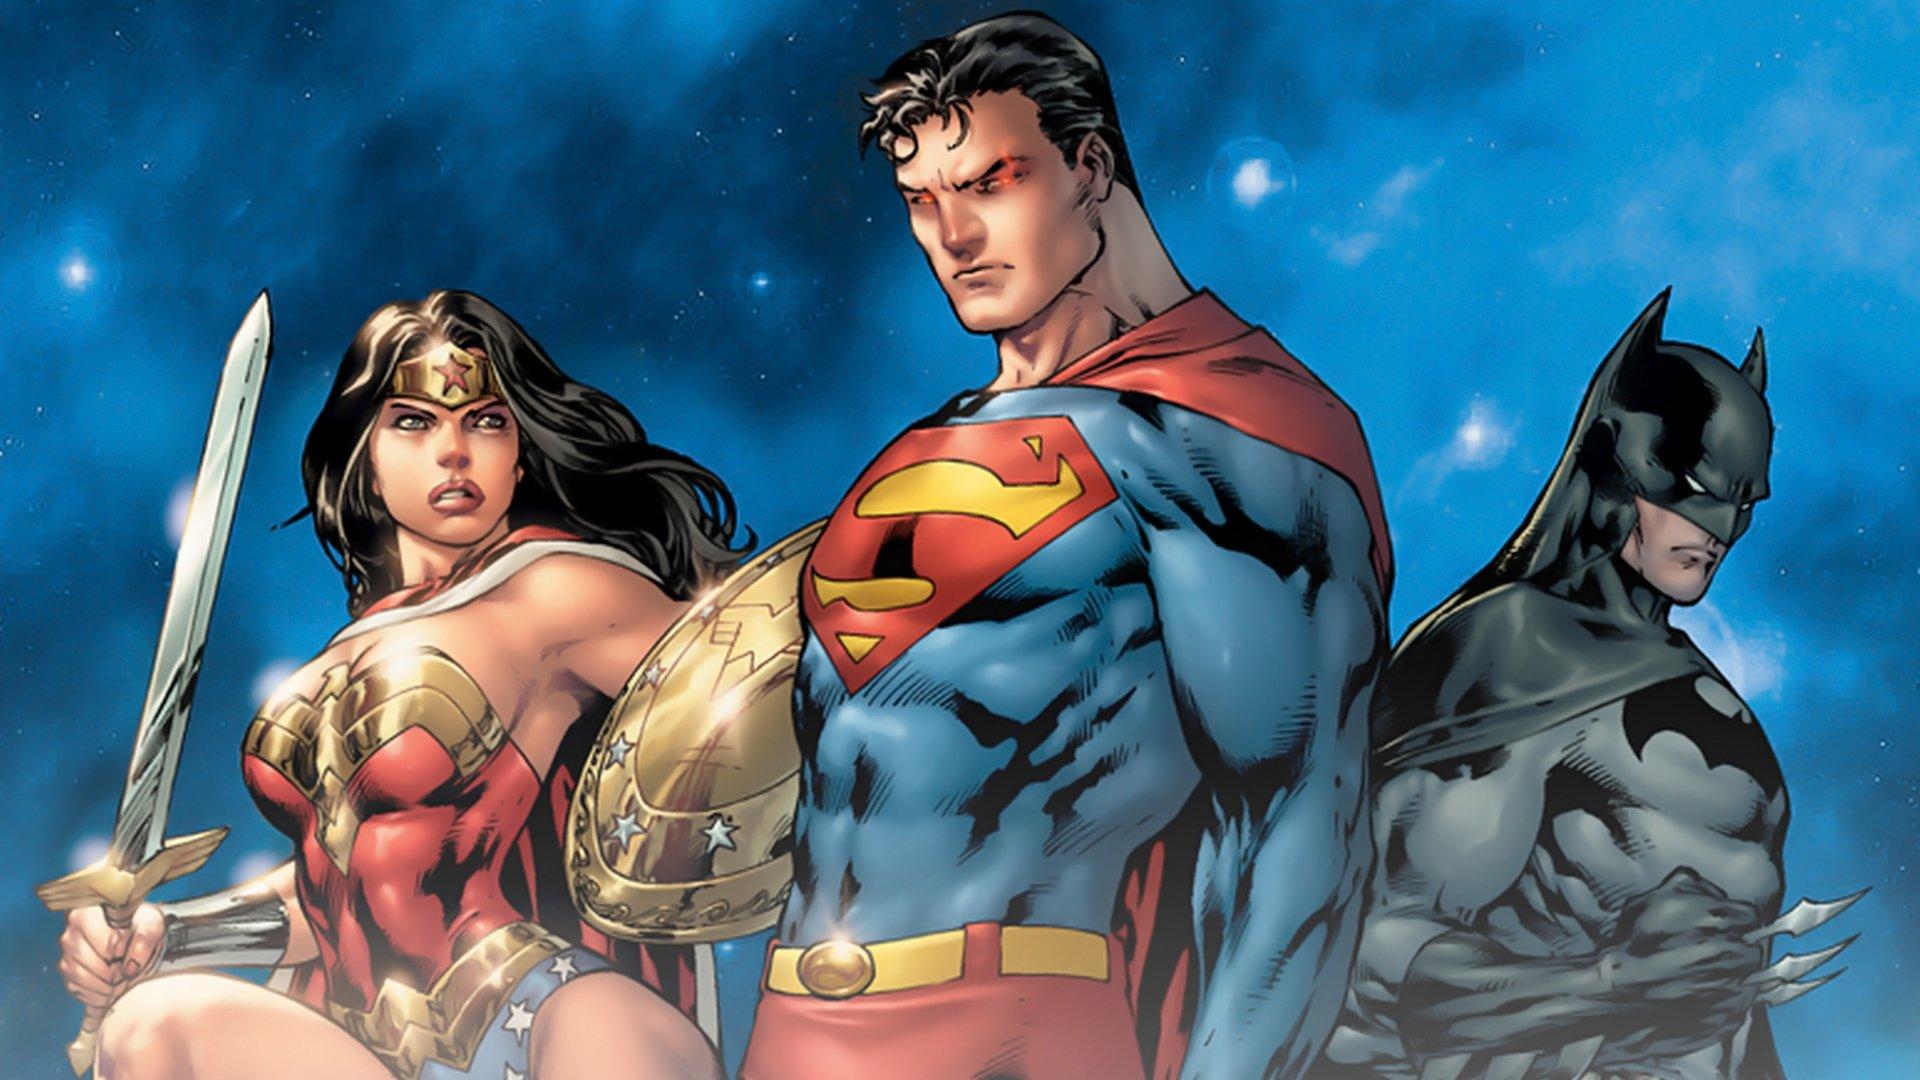 Новые костюмы Бэтмена, Супермена и Чудо-Женщины в комиксах. - Изображение 1